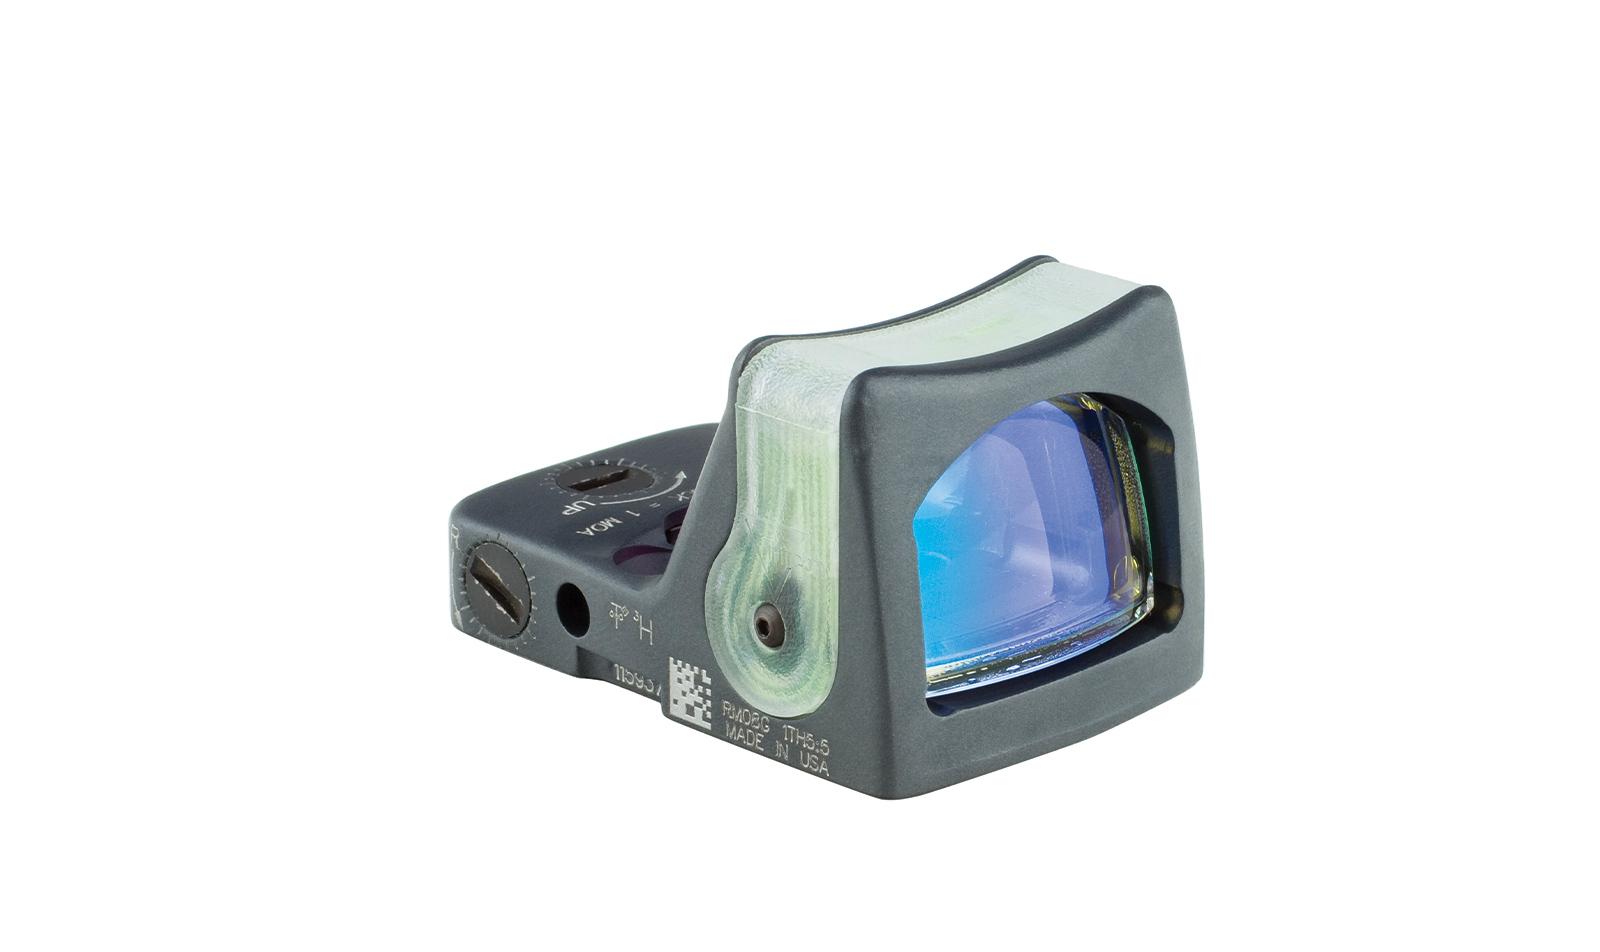 RM05-C-700208 angle 7